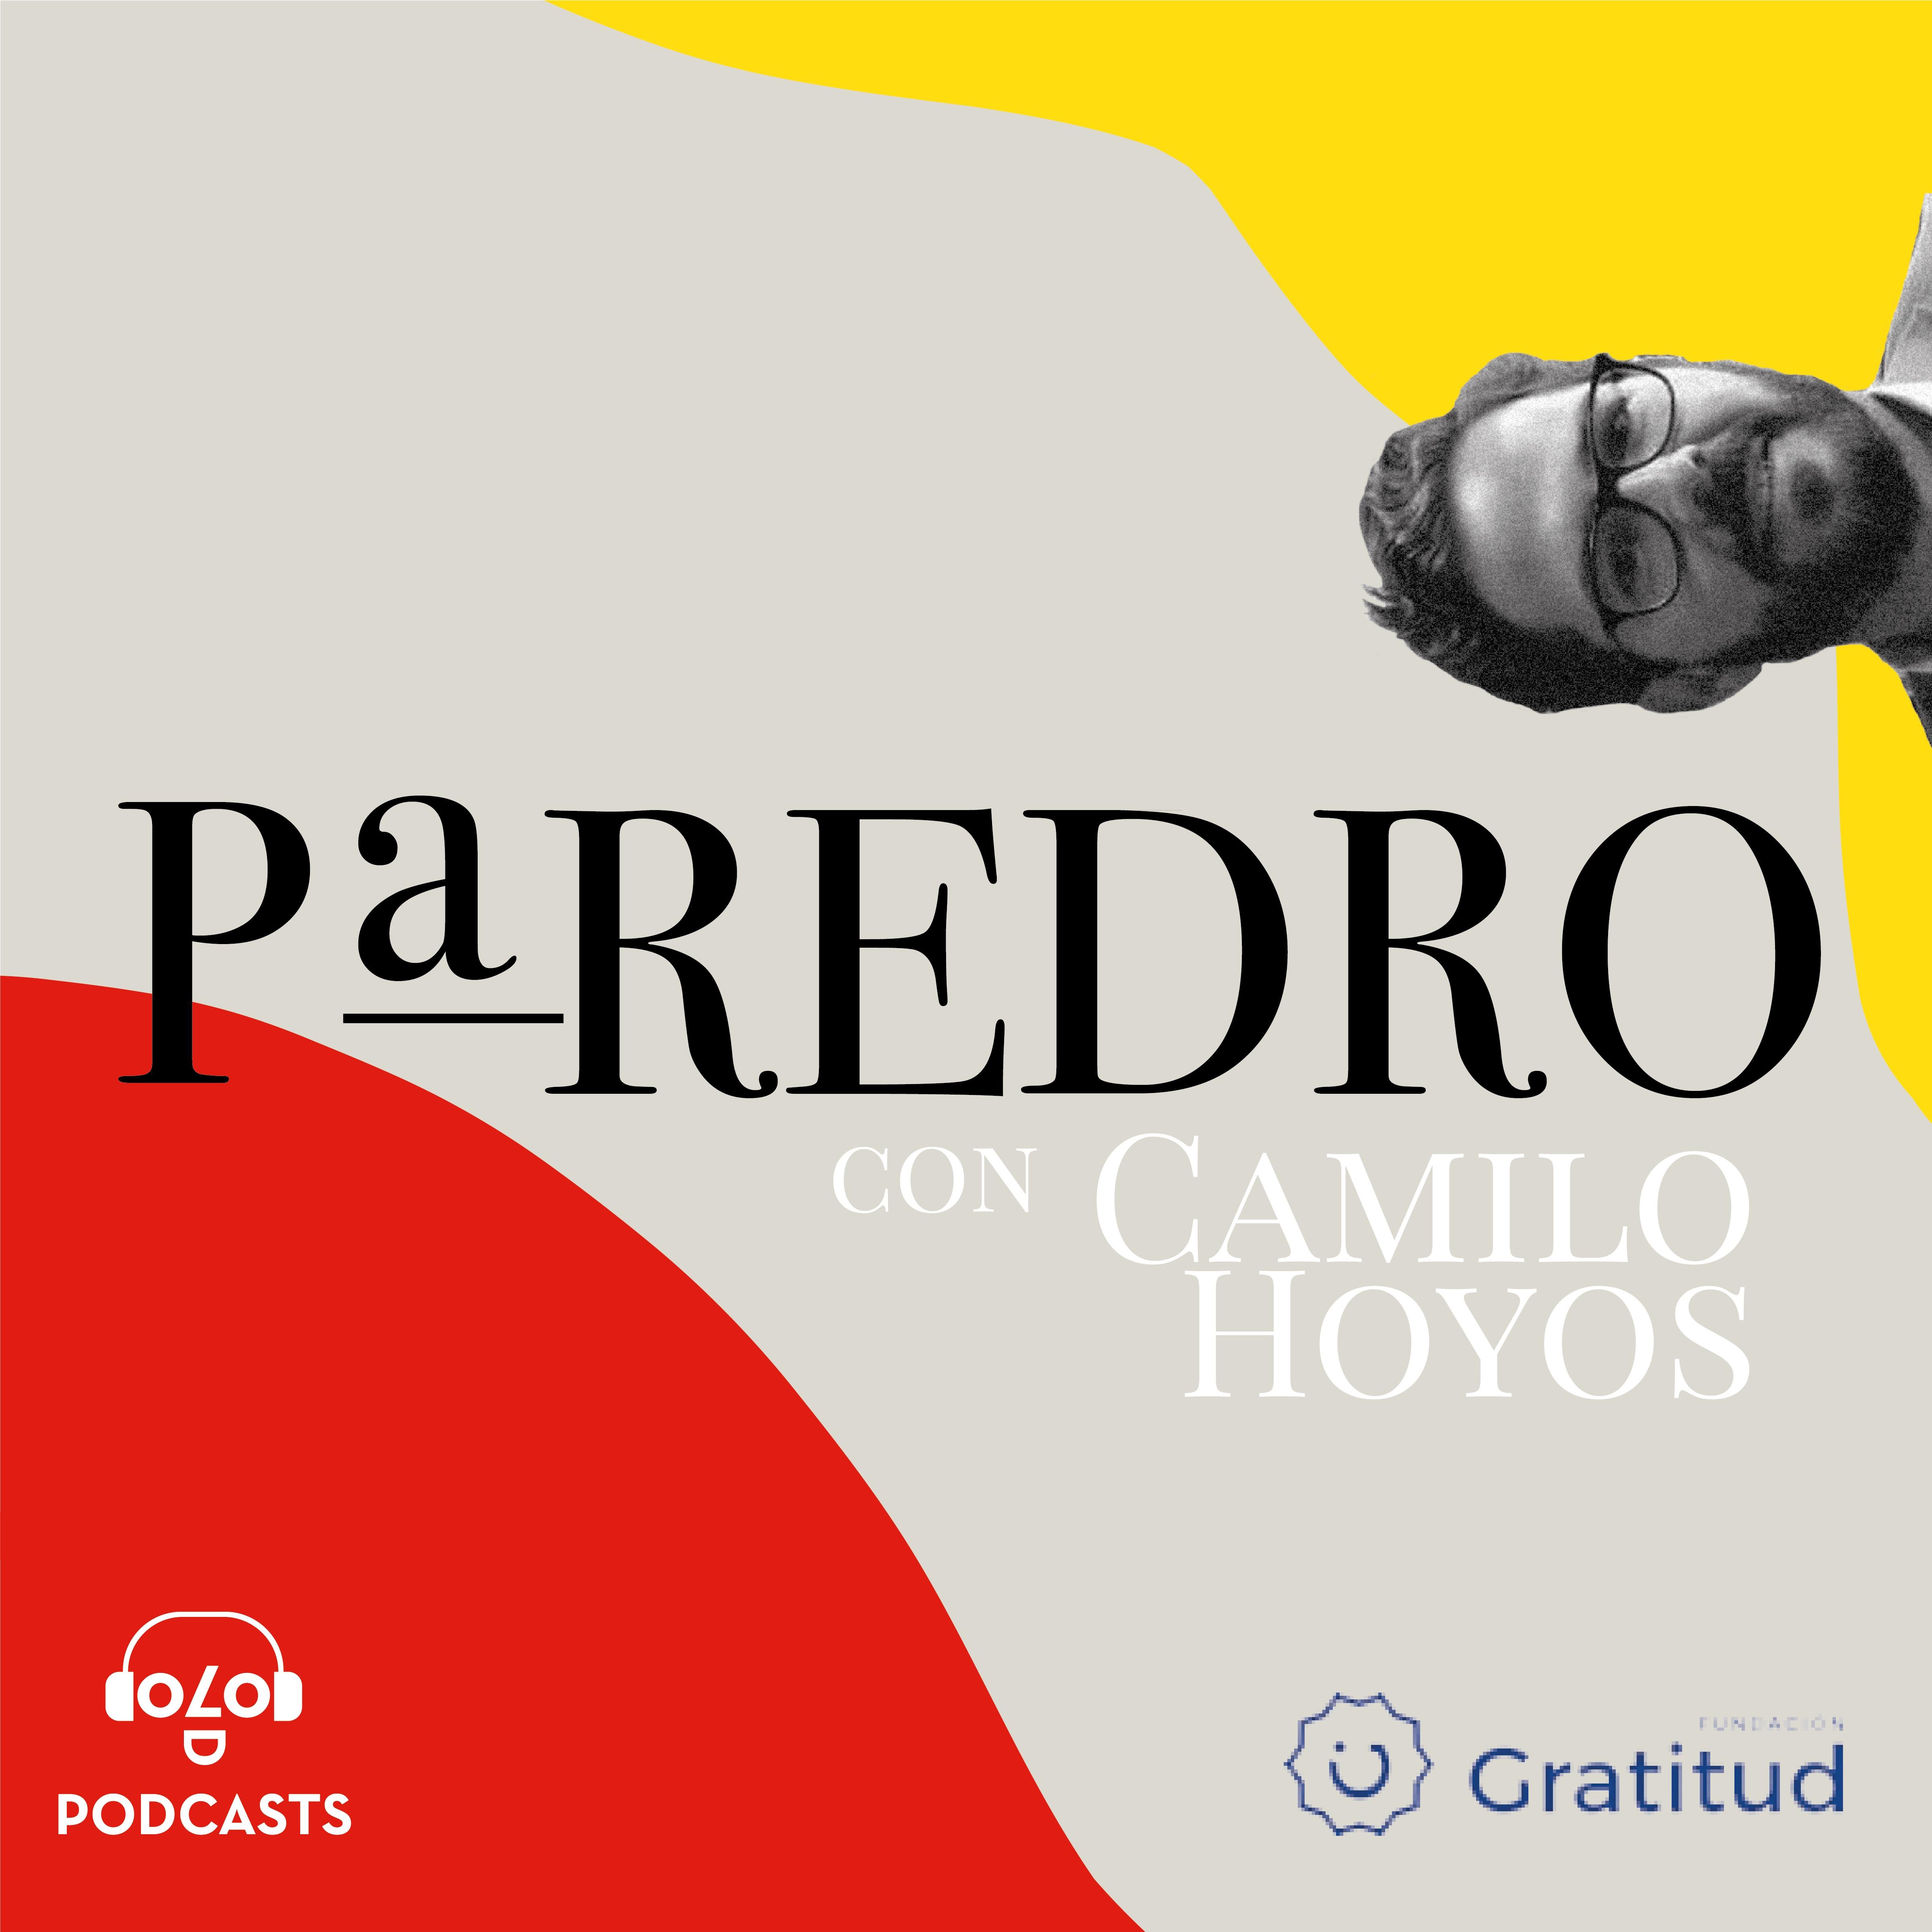 Alba De Silva Actriz Porno El Reflejo Del Vicio paredro] t3 e1 laura restrepo070 podcasts • a podcast on